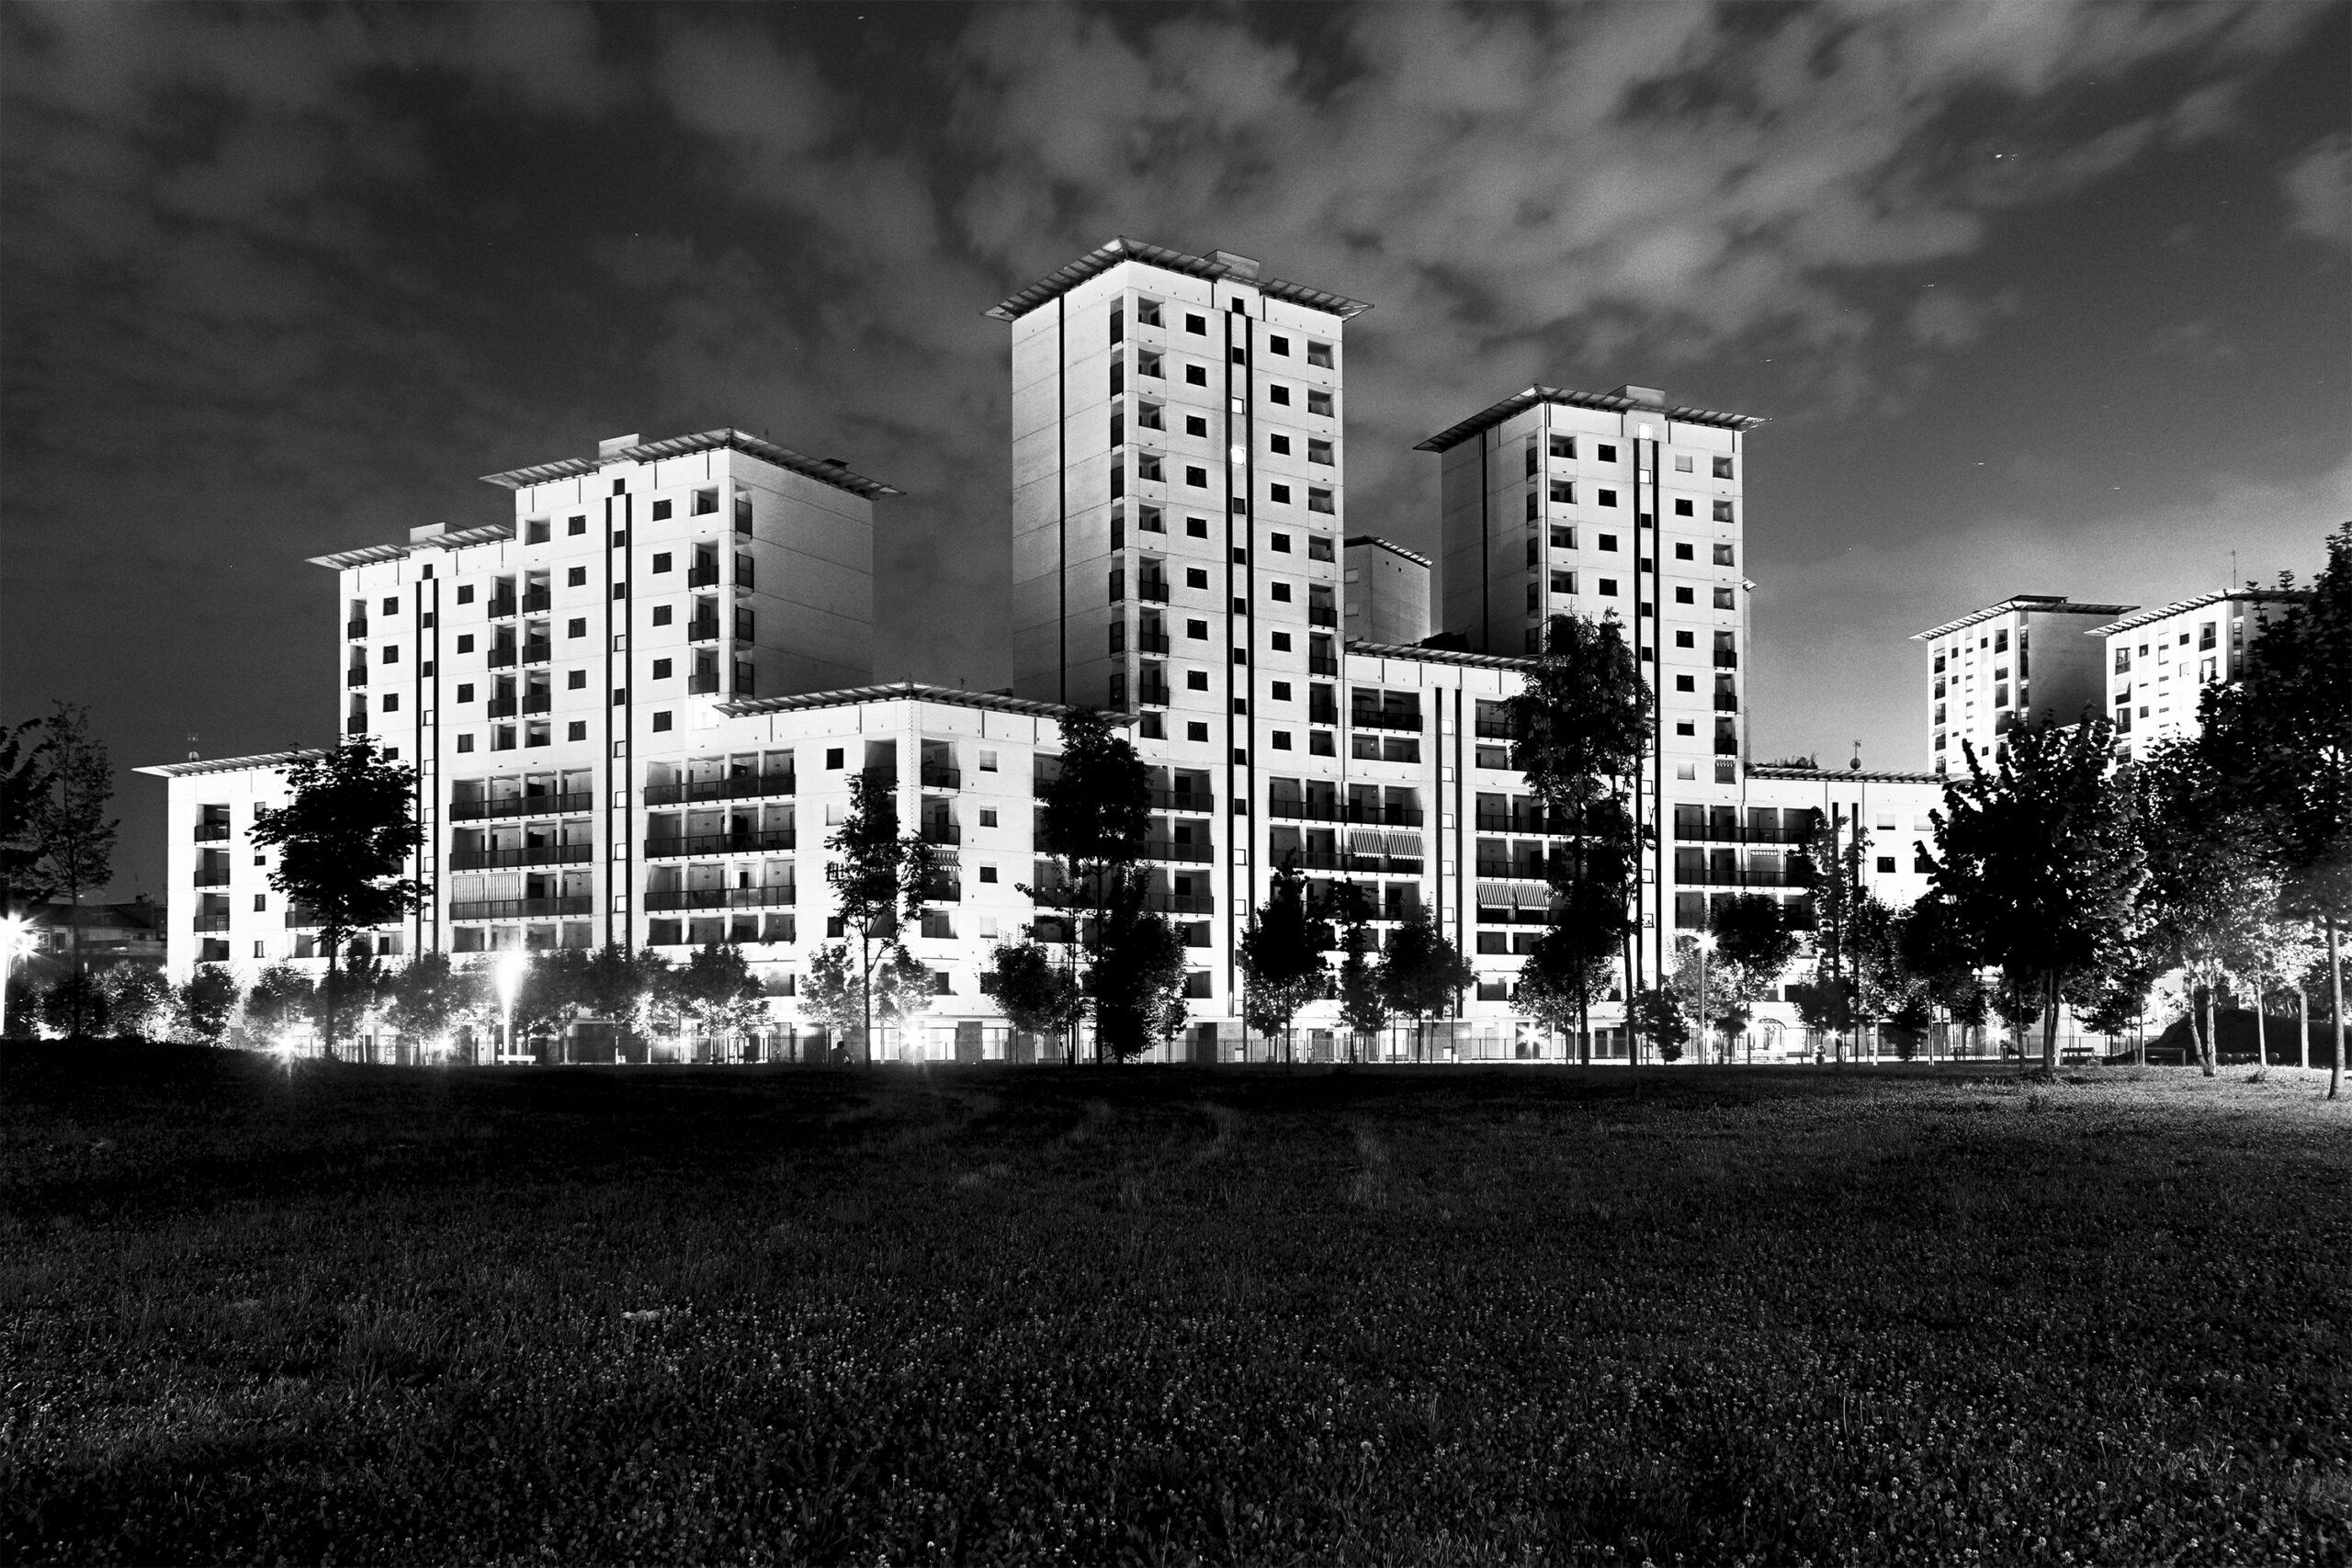 Fotografia di Architettura di